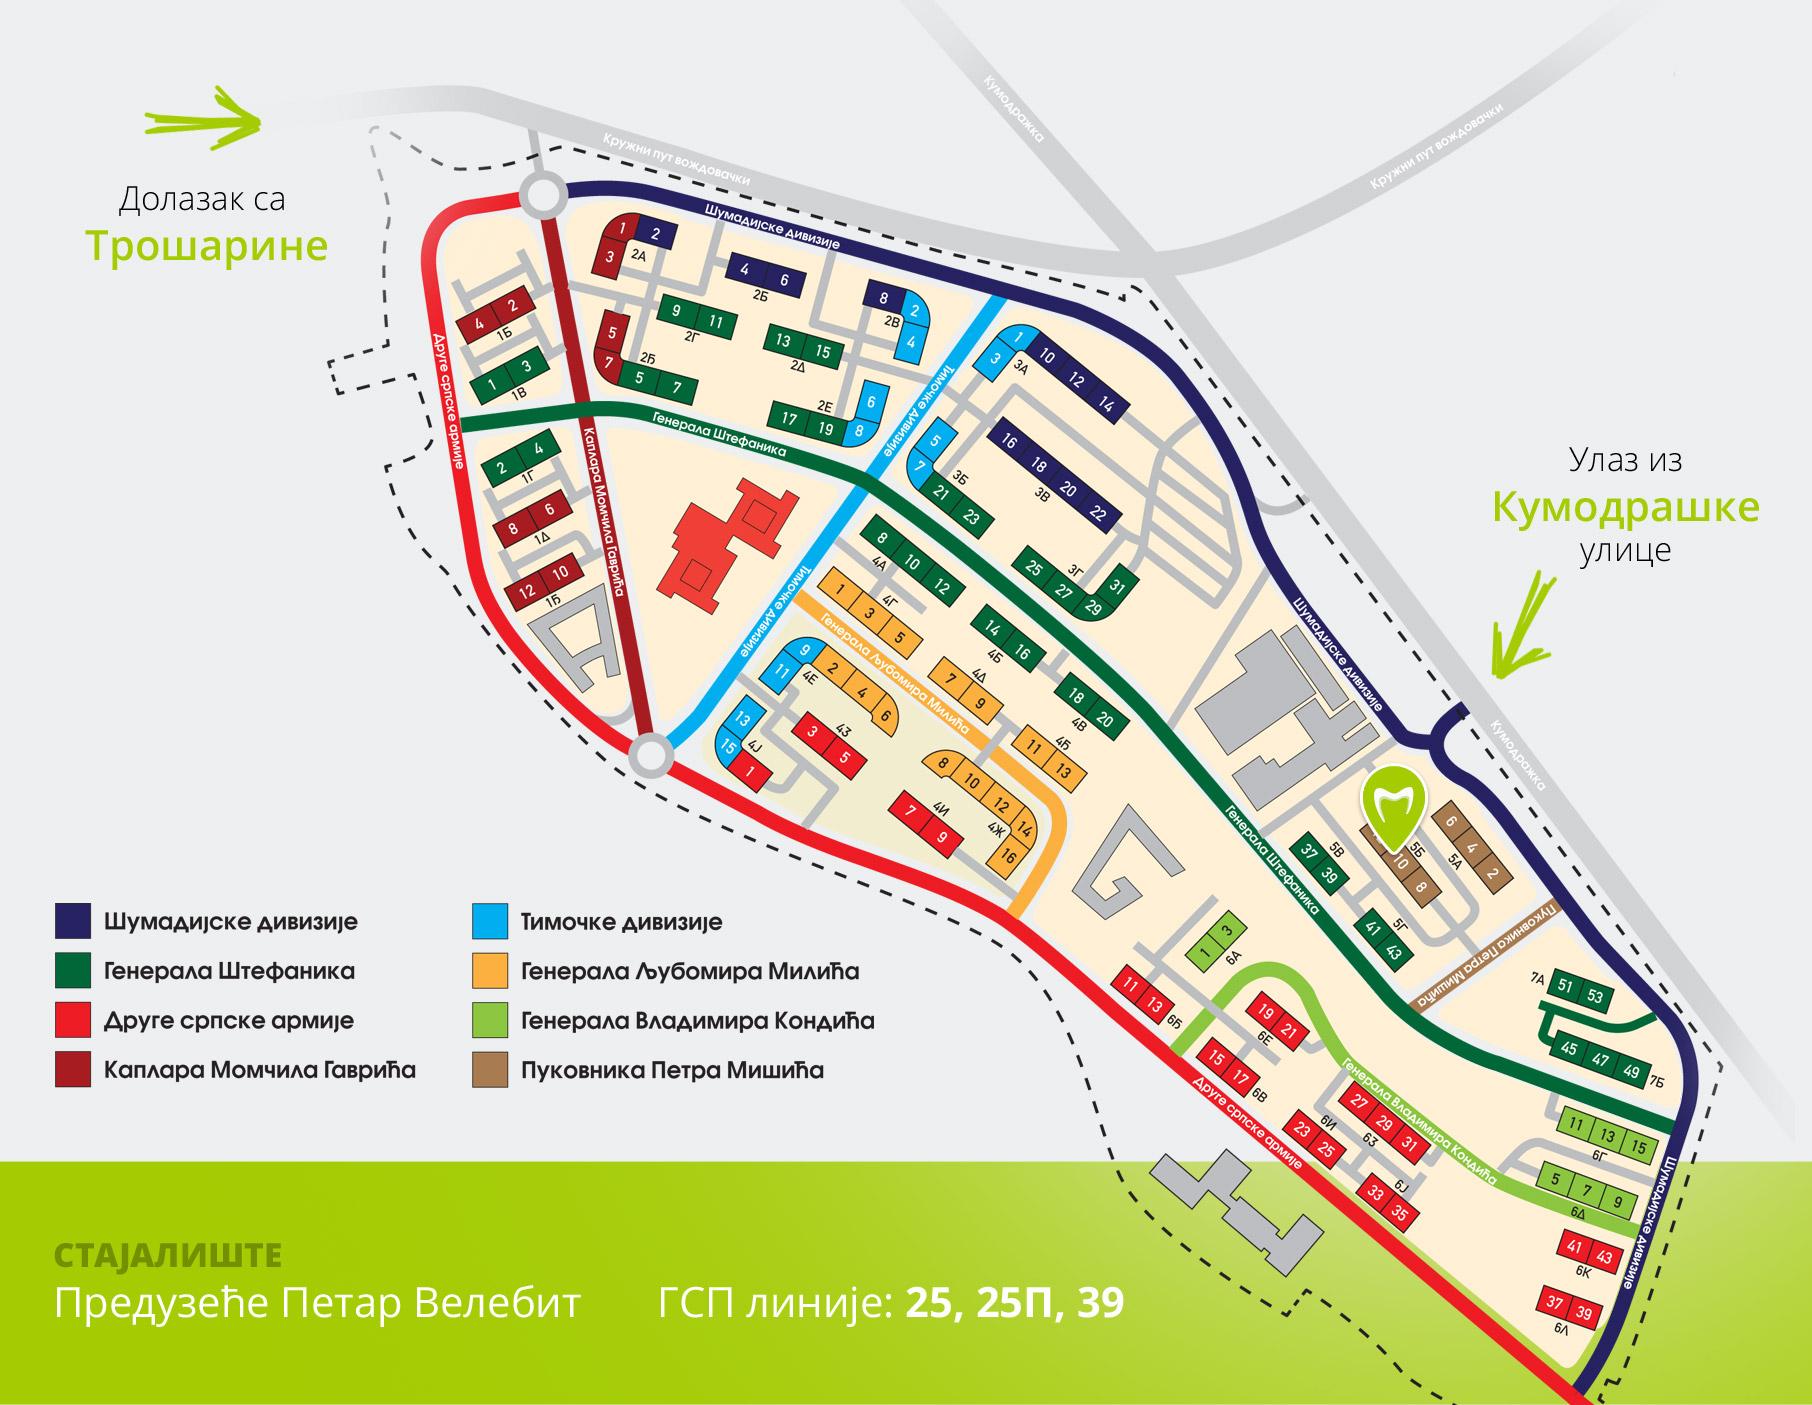 naselje stepa stepanovic mapa септембар | 2014 | SmartDent naselje stepa stepanovic mapa